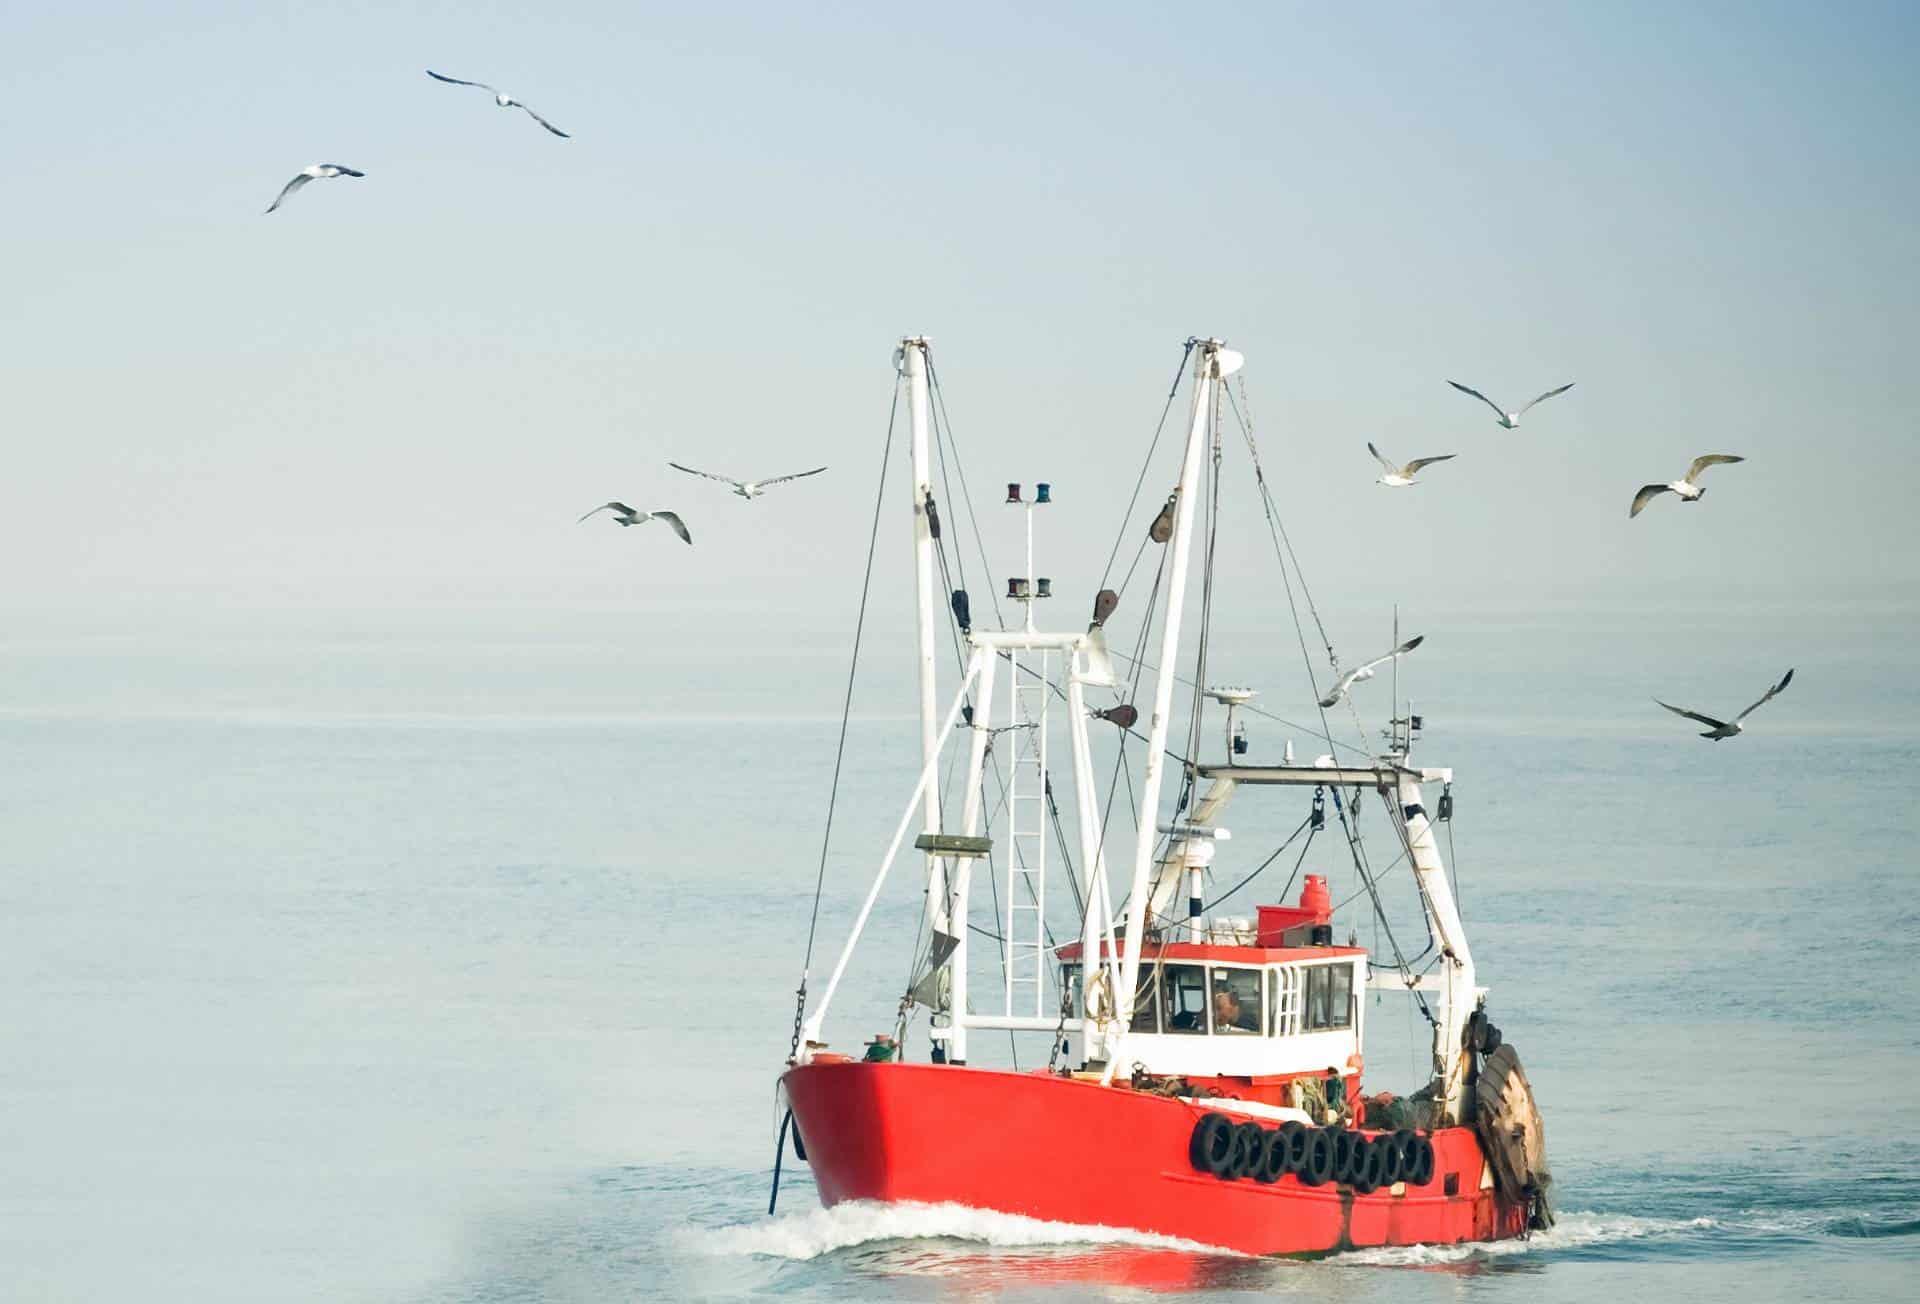 Importamos productos del mar congelados